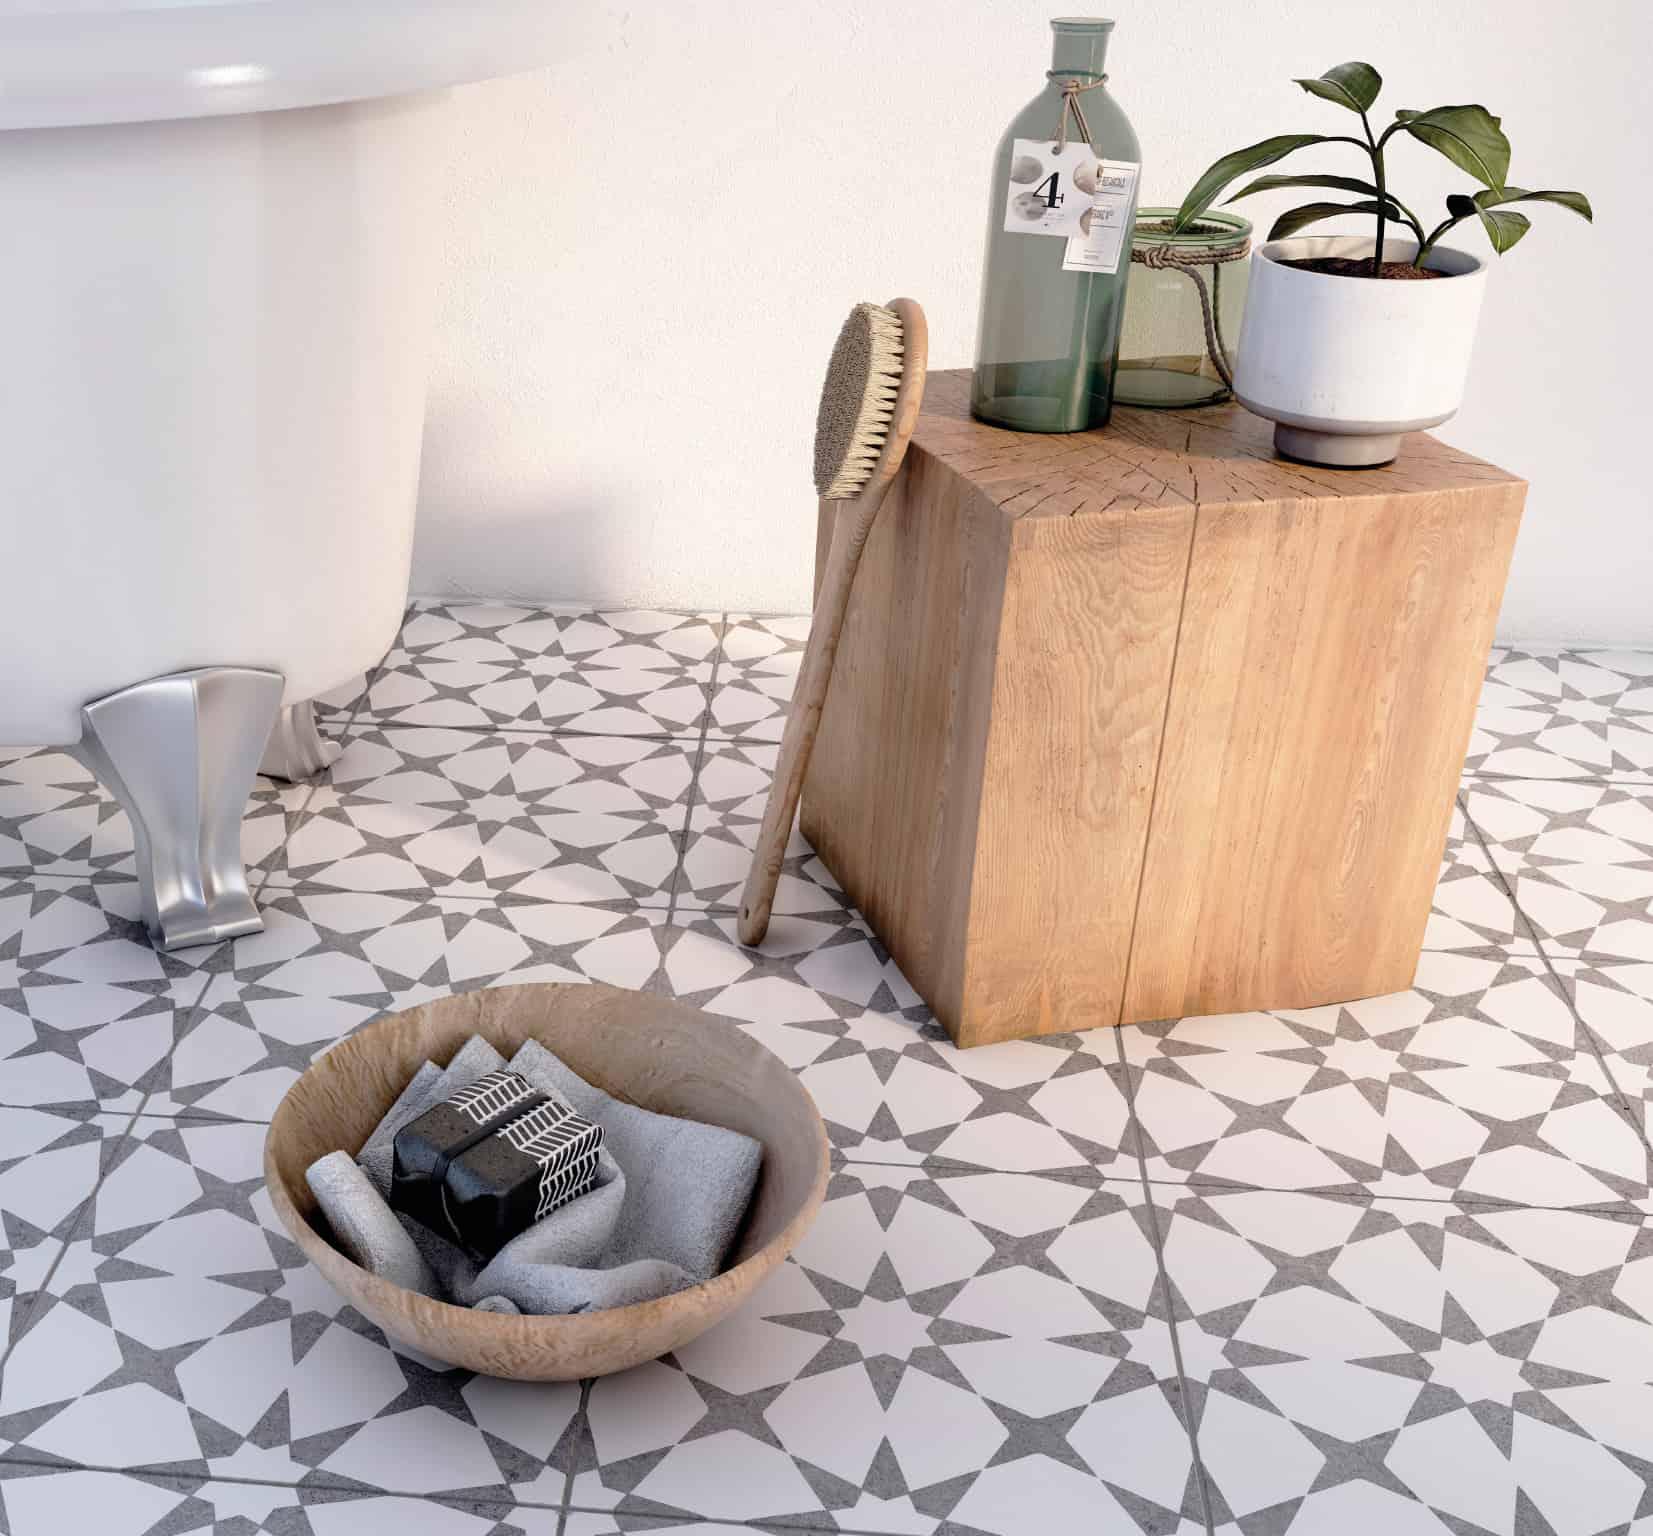 Antic Star R10 Anti Slip Floor Tile - Right Price Tiles